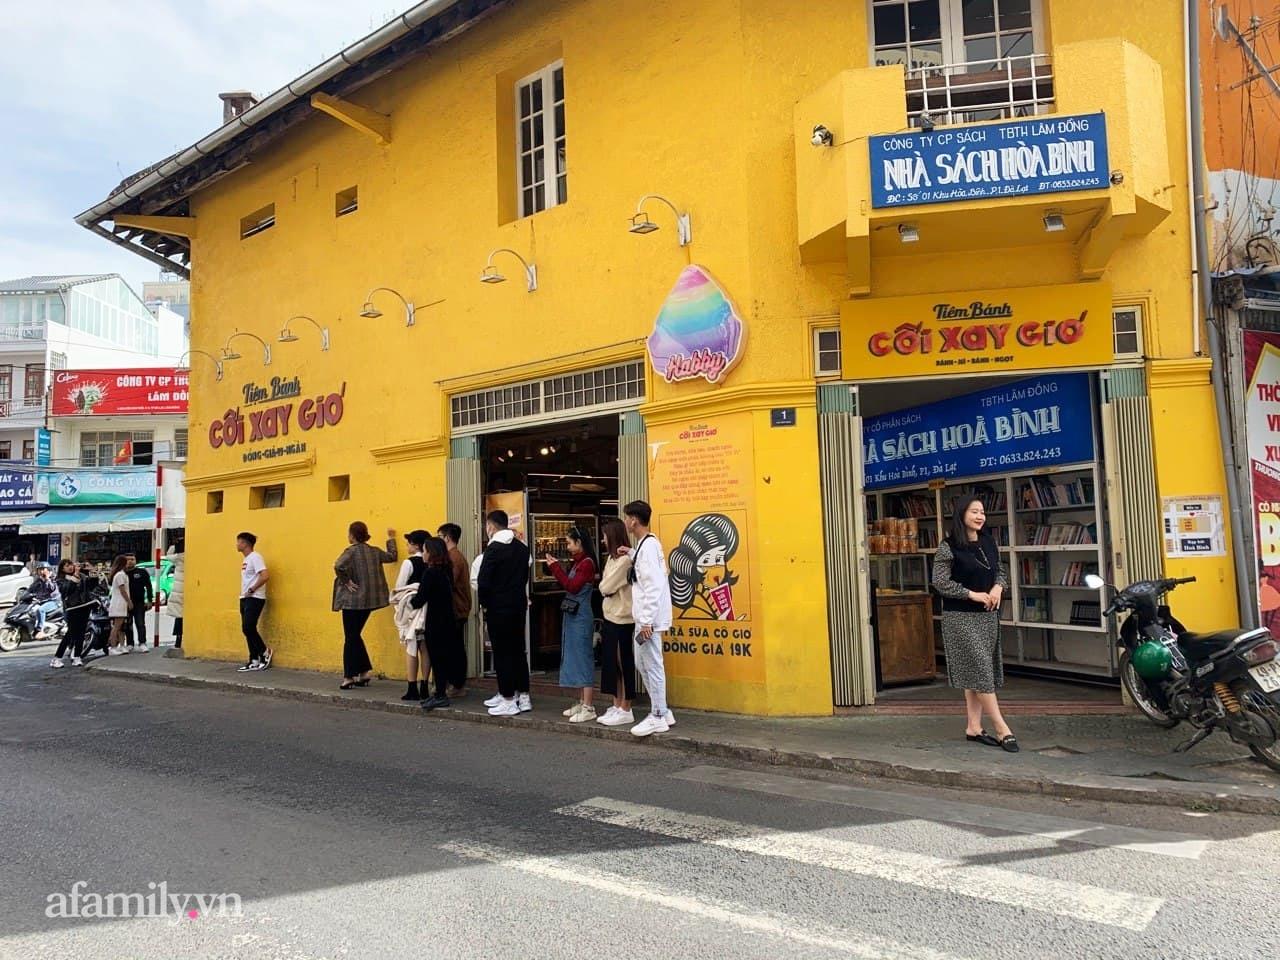 Hay tin bức tường vàng nổi tiếng của tiệm bánh Cối Xay Gió sắp ngừng hoạt động, khách du lịch kéo nhau đến chụp ảnh kỉ niệm đông nghẹt - Ảnh 7.